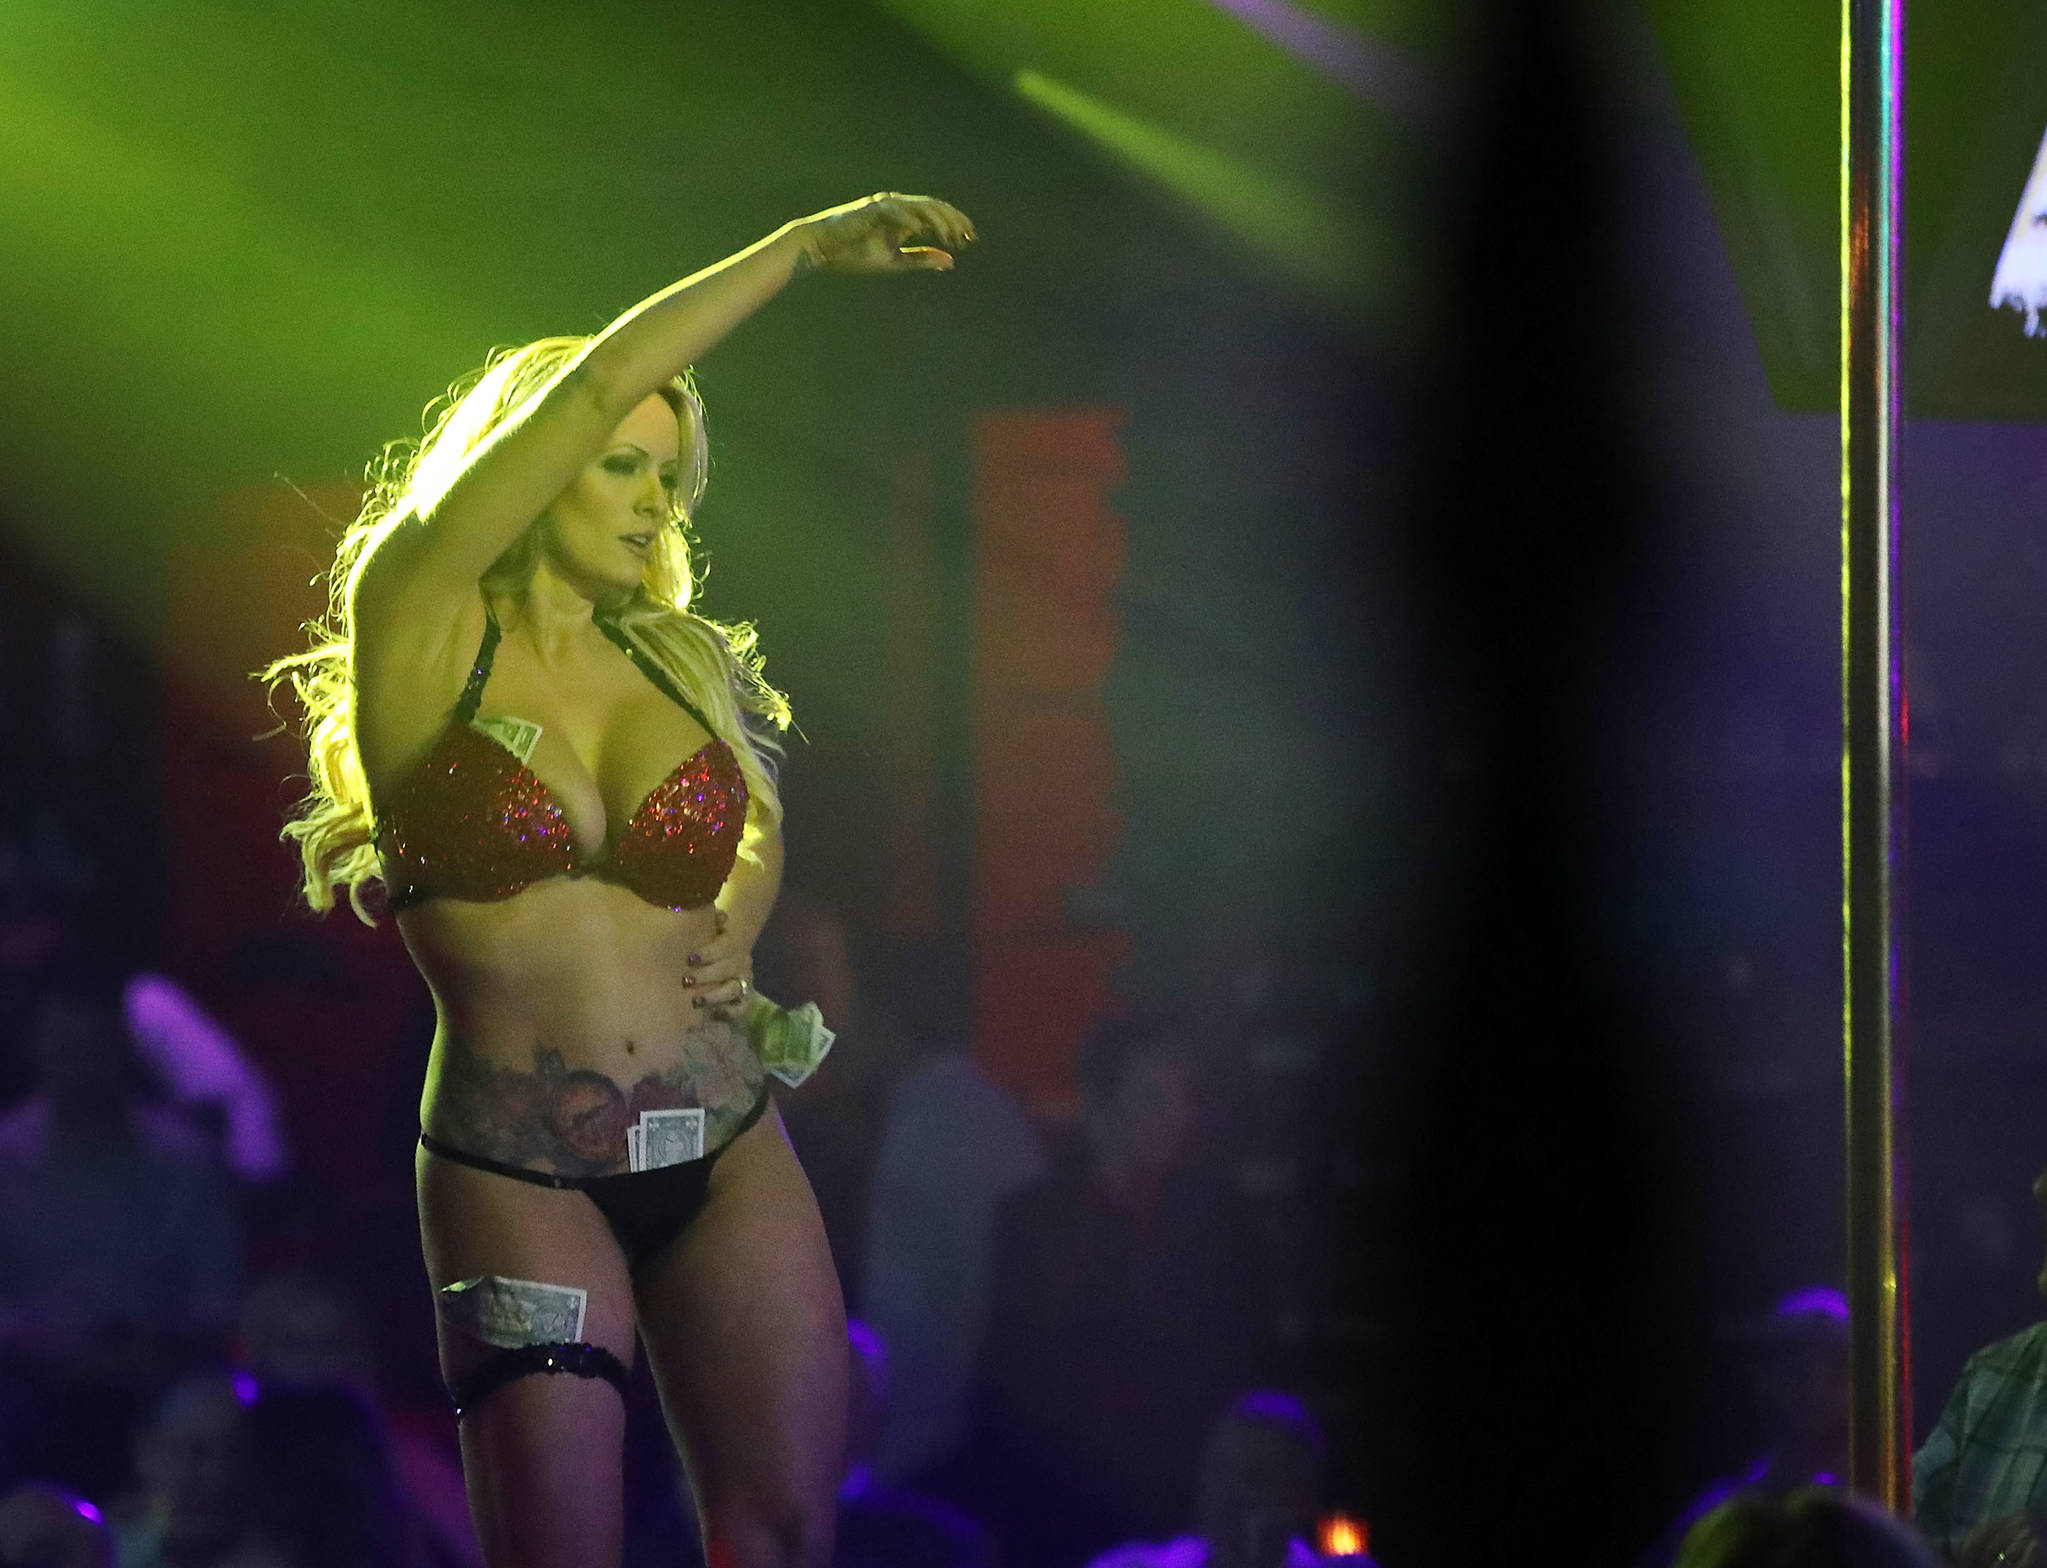 스토미 대니얼스가 지난 3월 9일 플로리다 주 품파노 비치의 스트립 클럽에서 공연을 하고 있다. [AFP=연합뉴스]